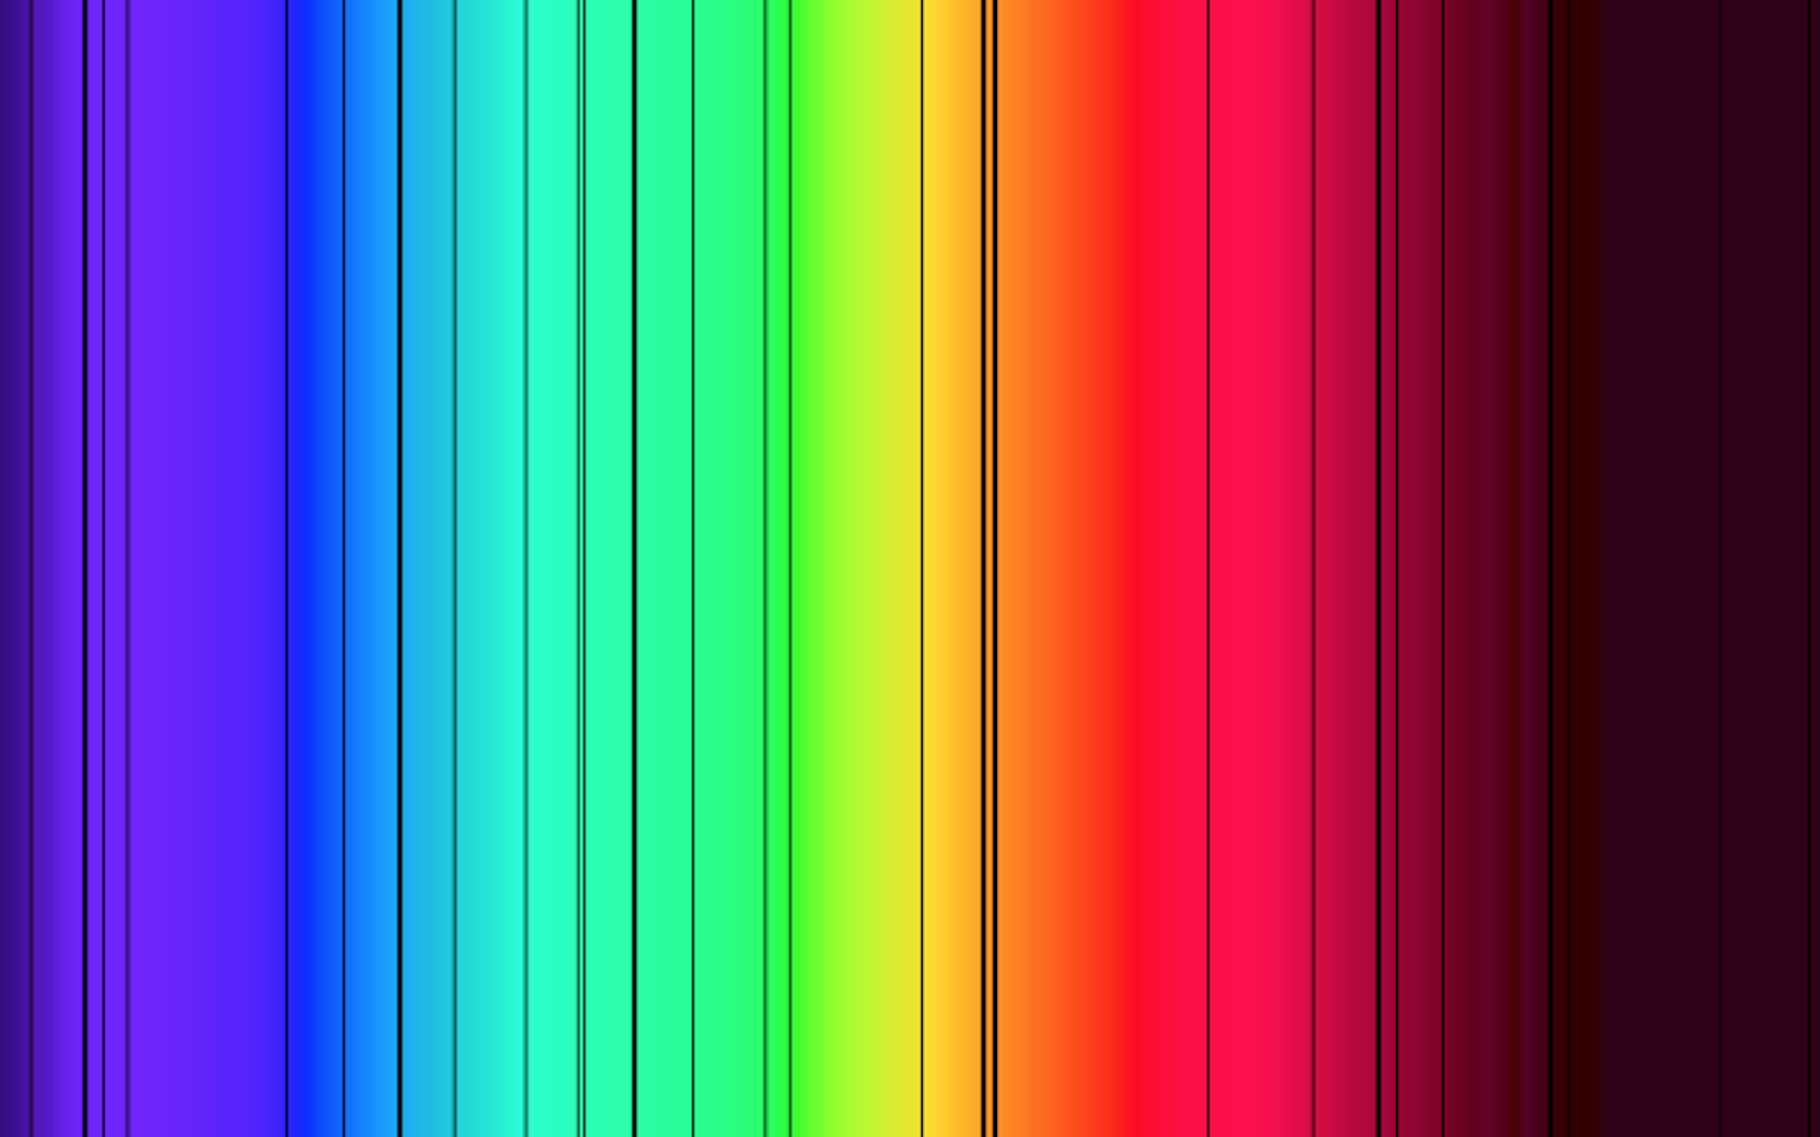 Le spectre d'absorption du soleil est constitué de nombreuses raies qui révèlent la composition chimique de son atmosphère. © Saperaud, Wikipédia, DP